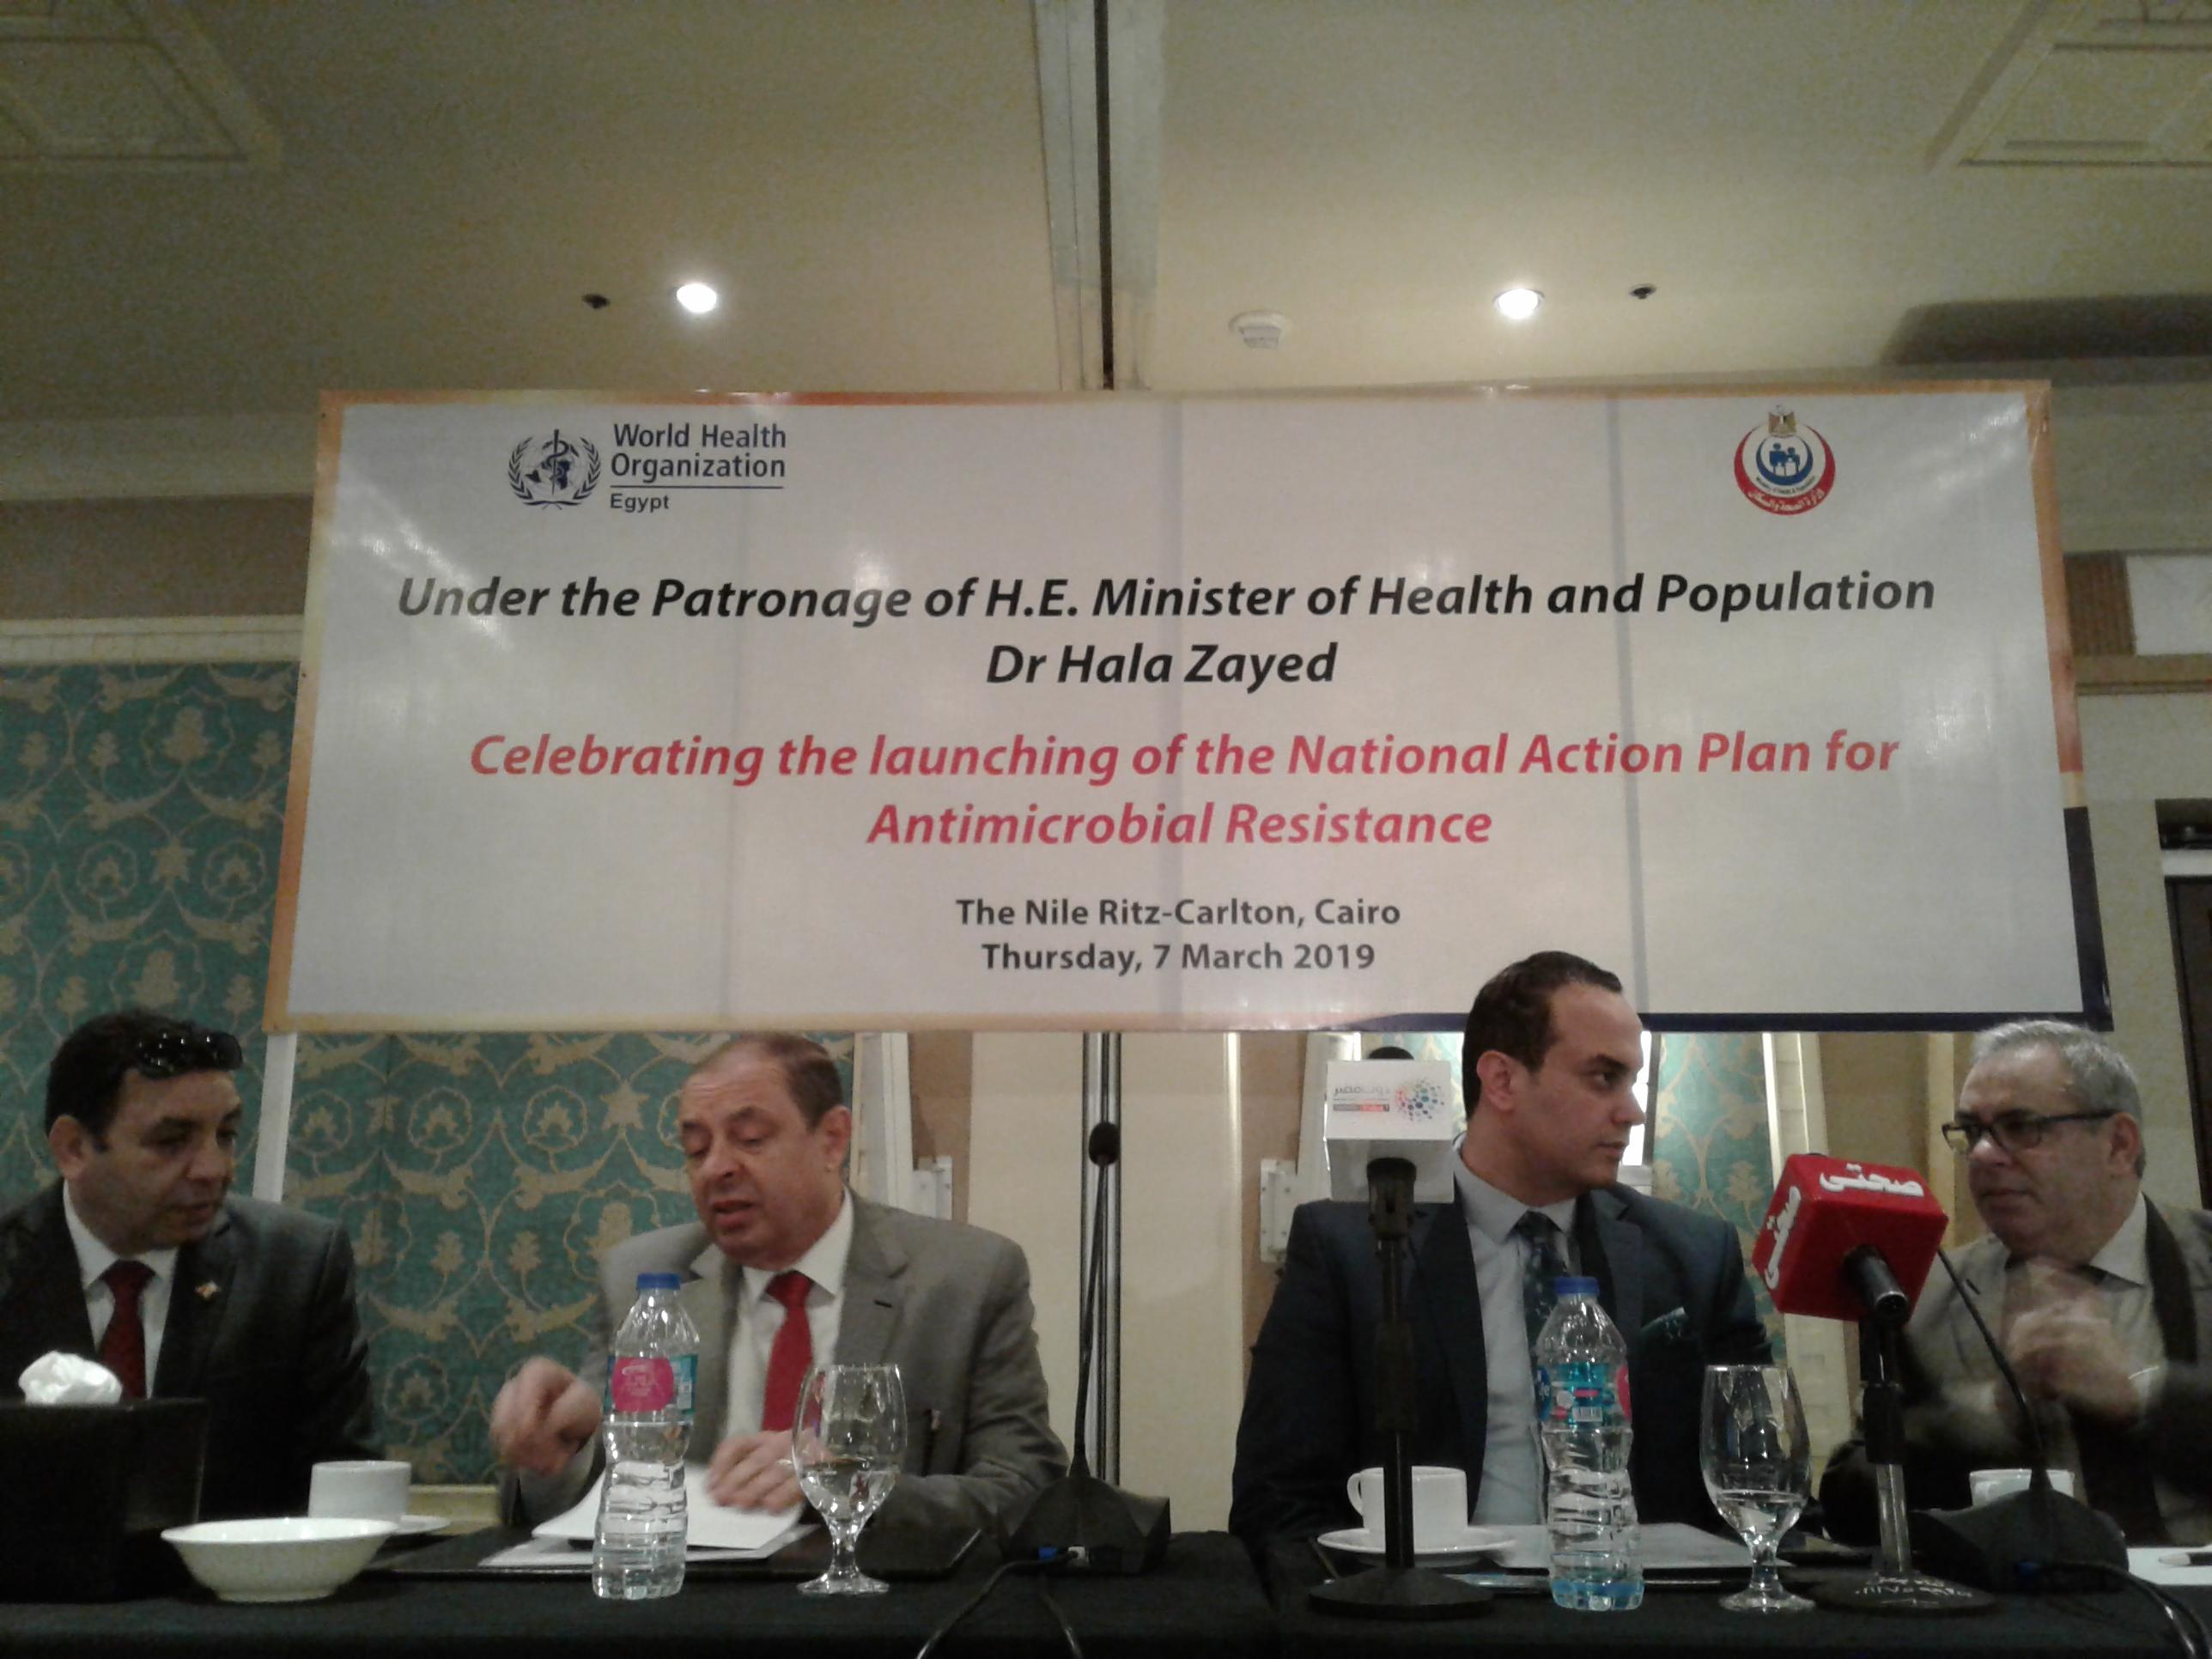 جانب من احتفالية إطلاق الخطة القومية لمكافحة الميكروبات المقاومة للمضادات الحيوية (4)